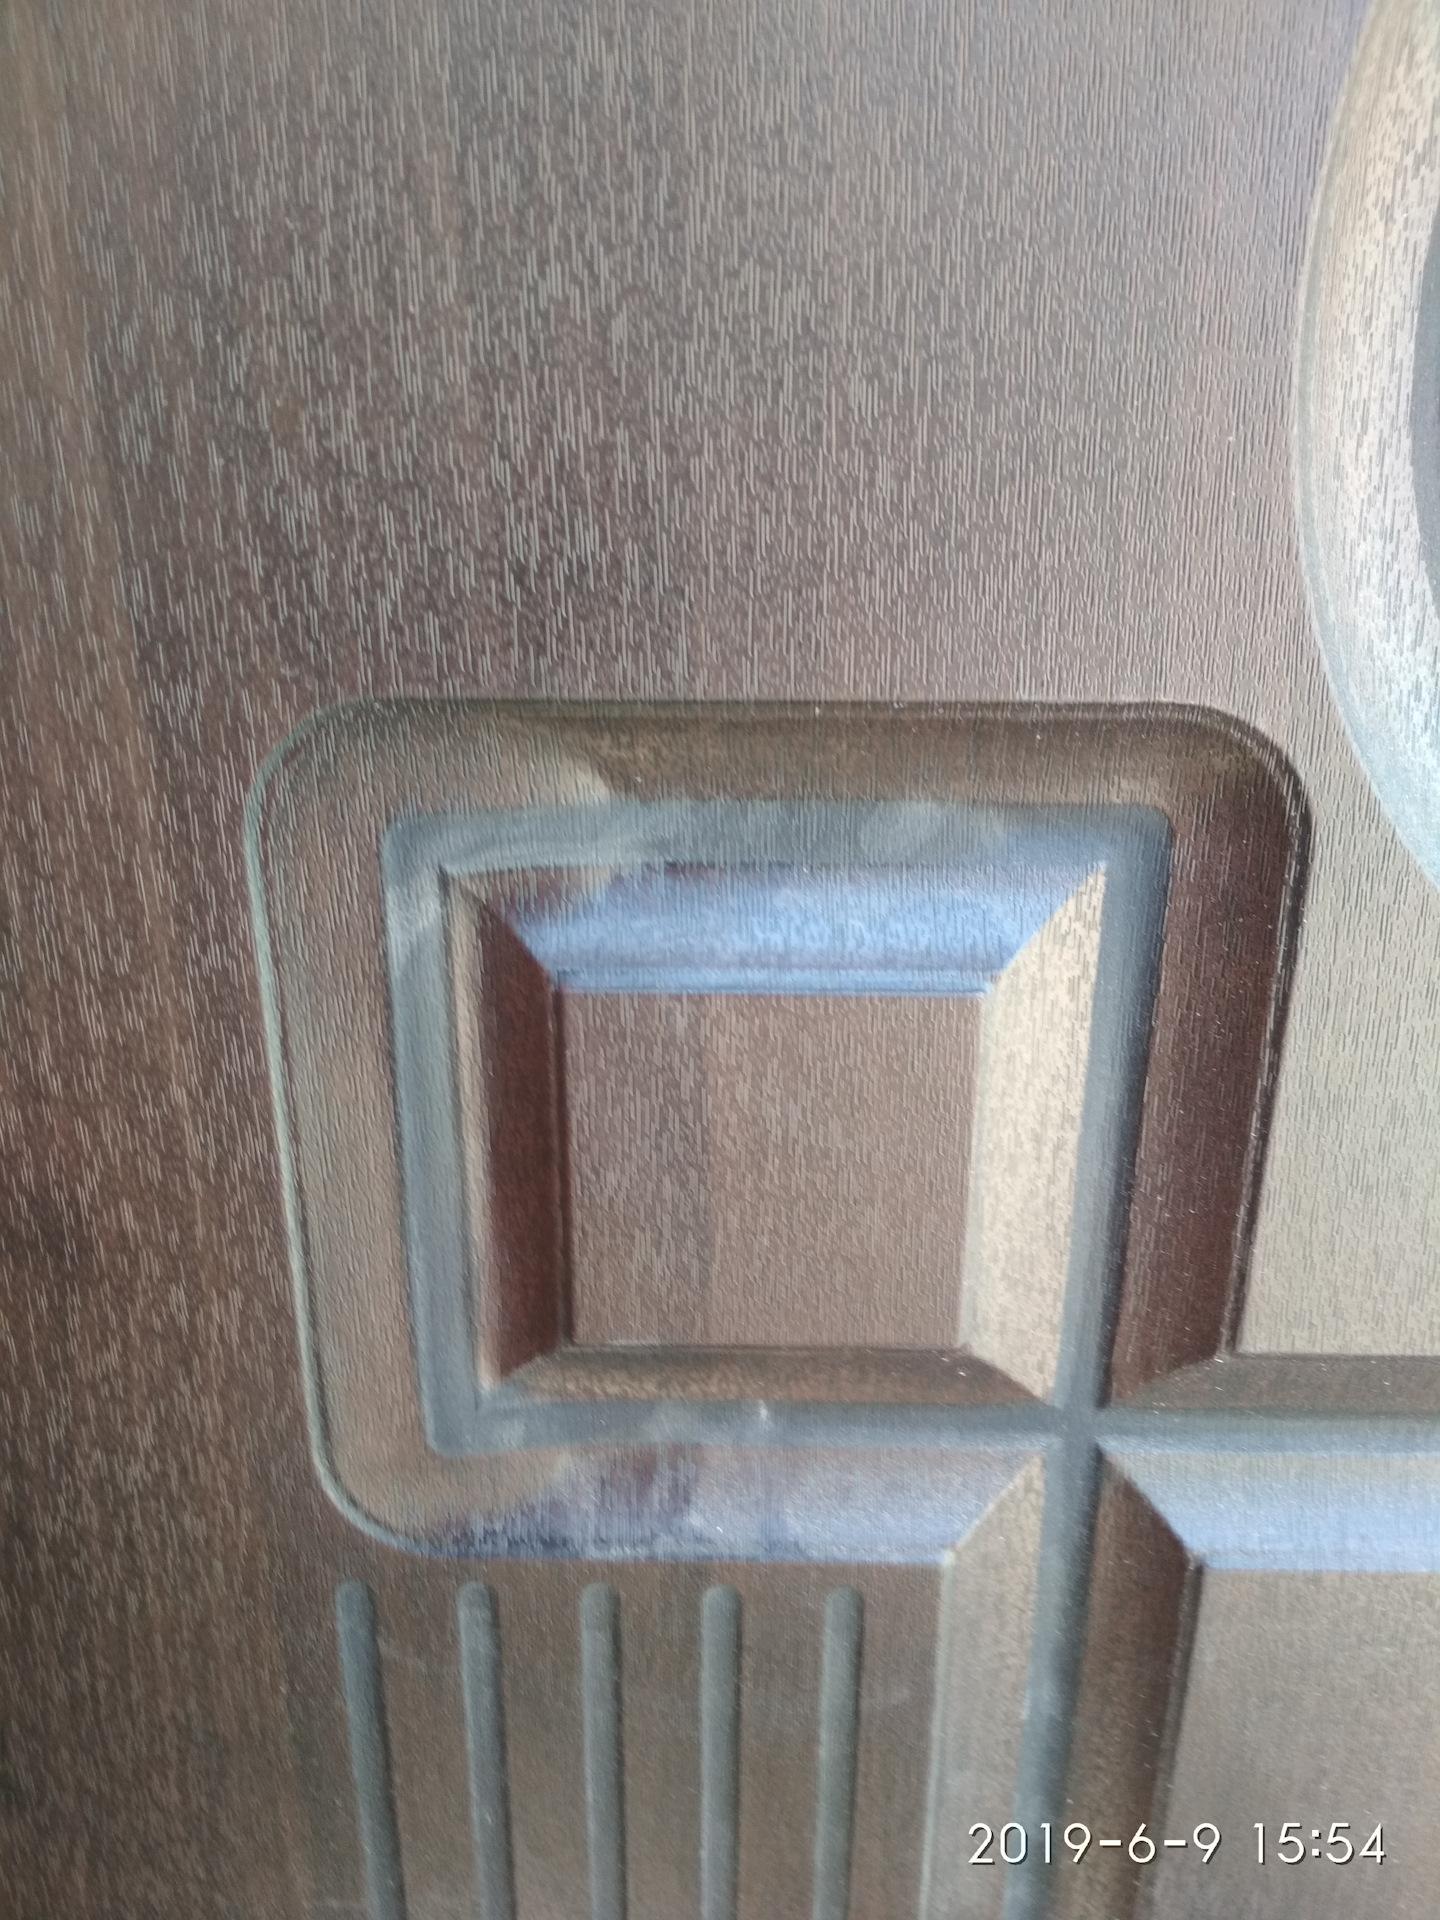 какие входные двери лучше поставить в частном доме беларусь